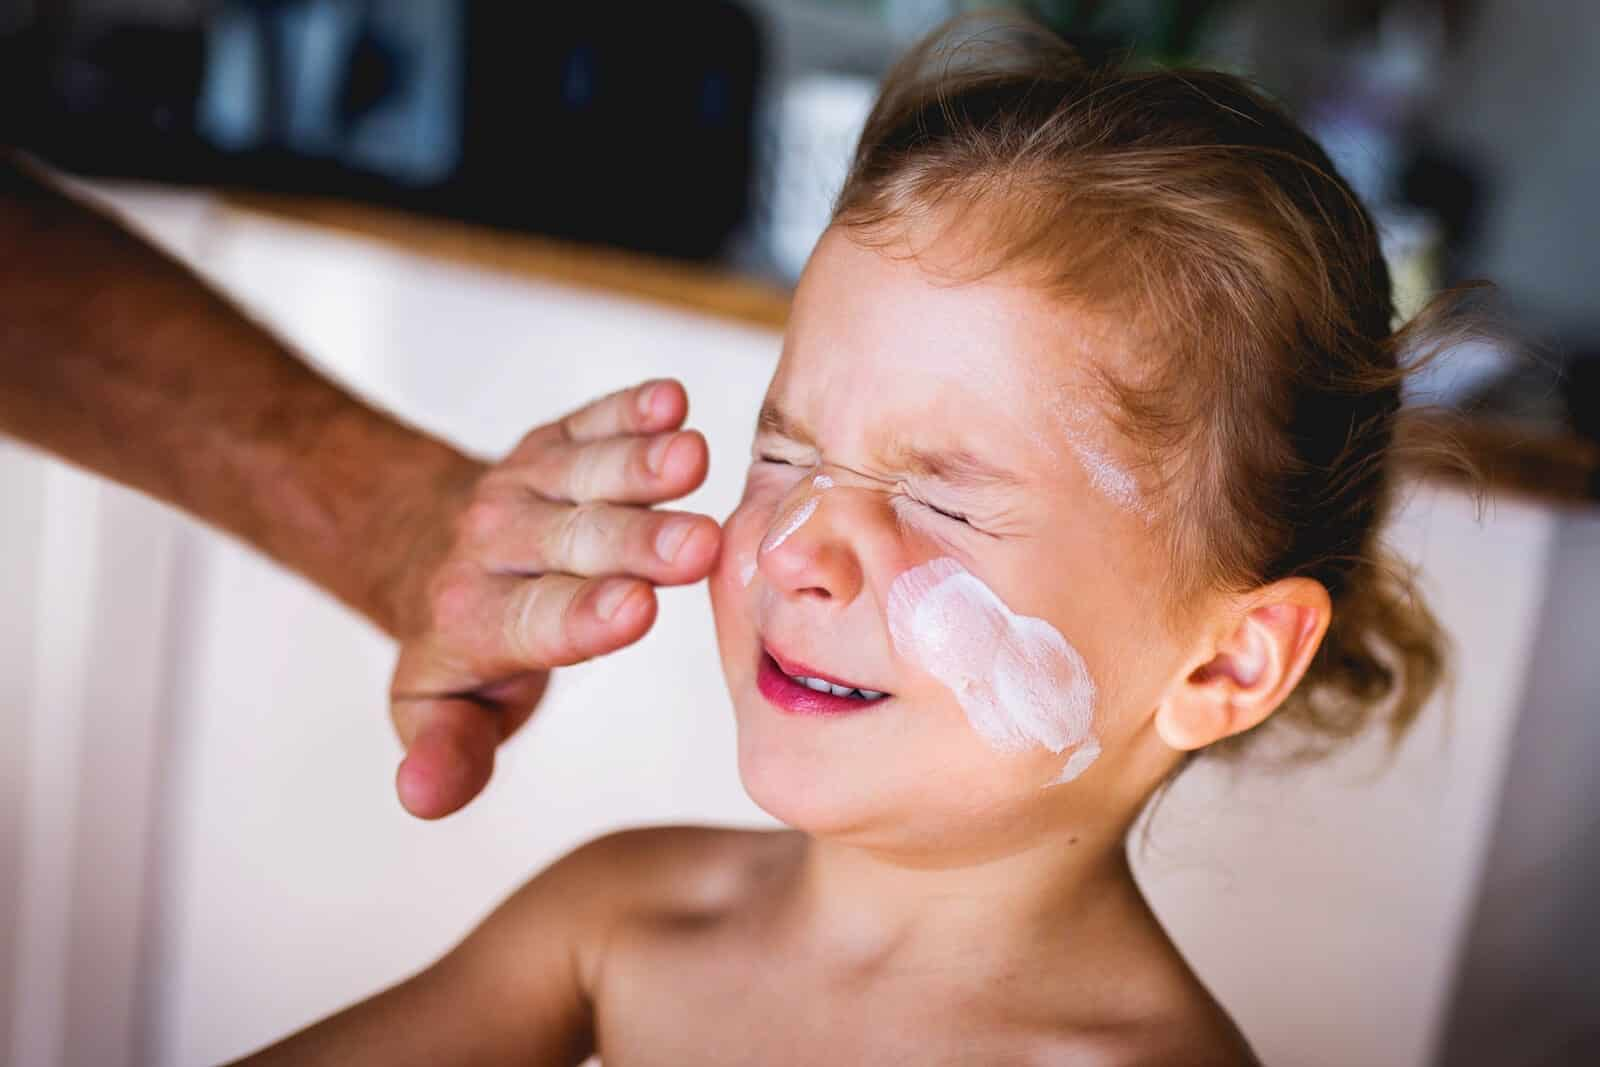 applying sunscreen on boys face